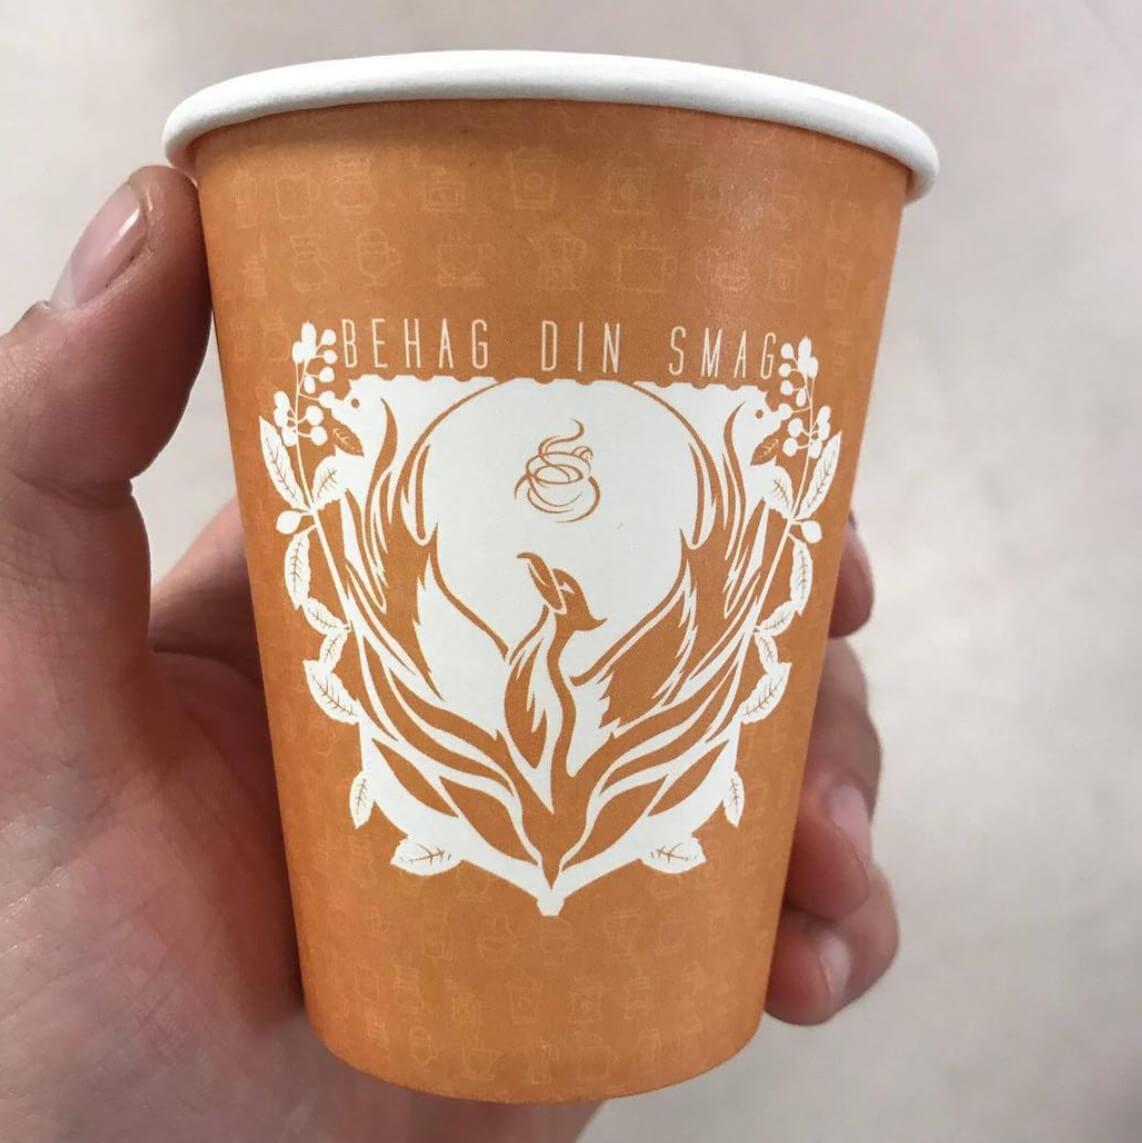 behag din smag papkrus med logo